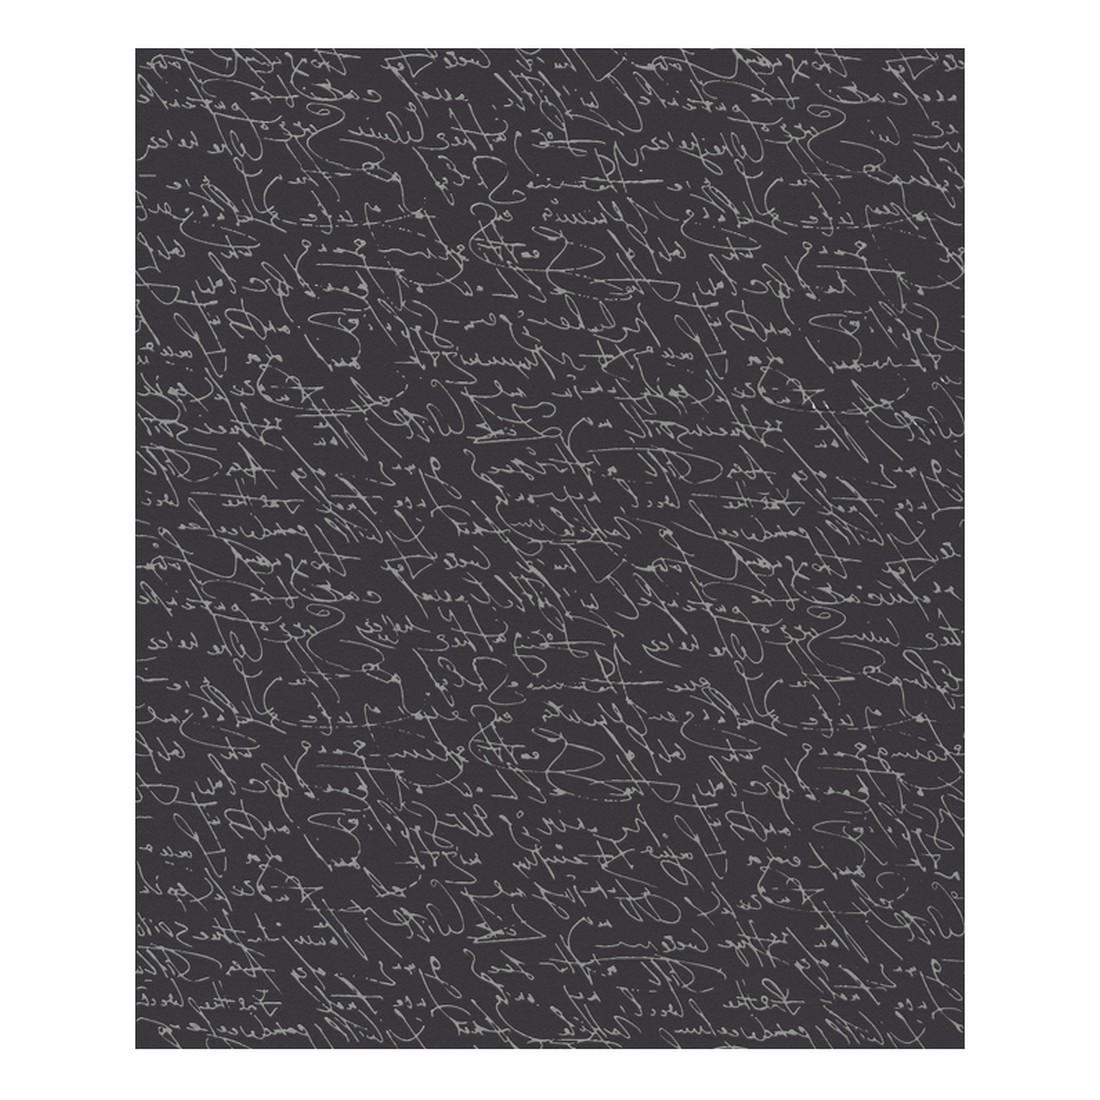 Vliestapete Bohemian Rapsody – schwarz, silber – strukturiert, Schöner Wohnen Kollektion bestellen